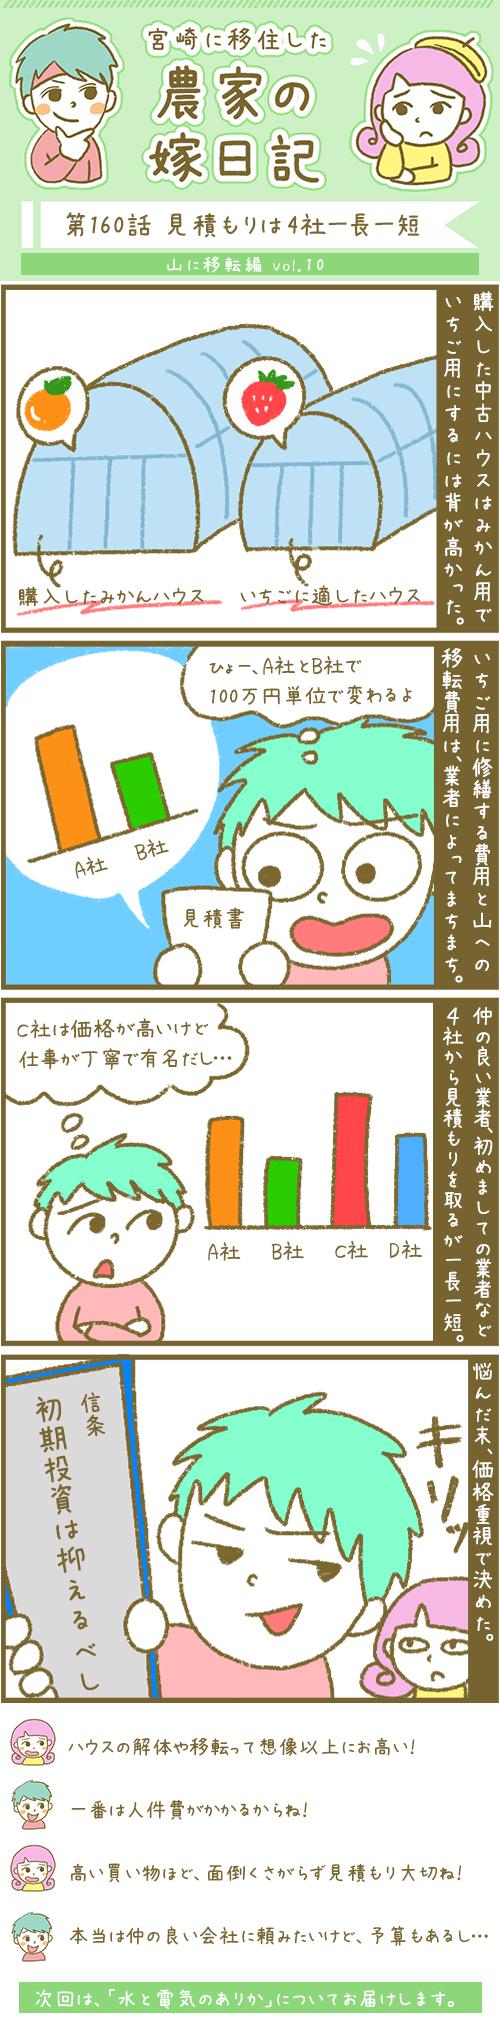 漫画第160話